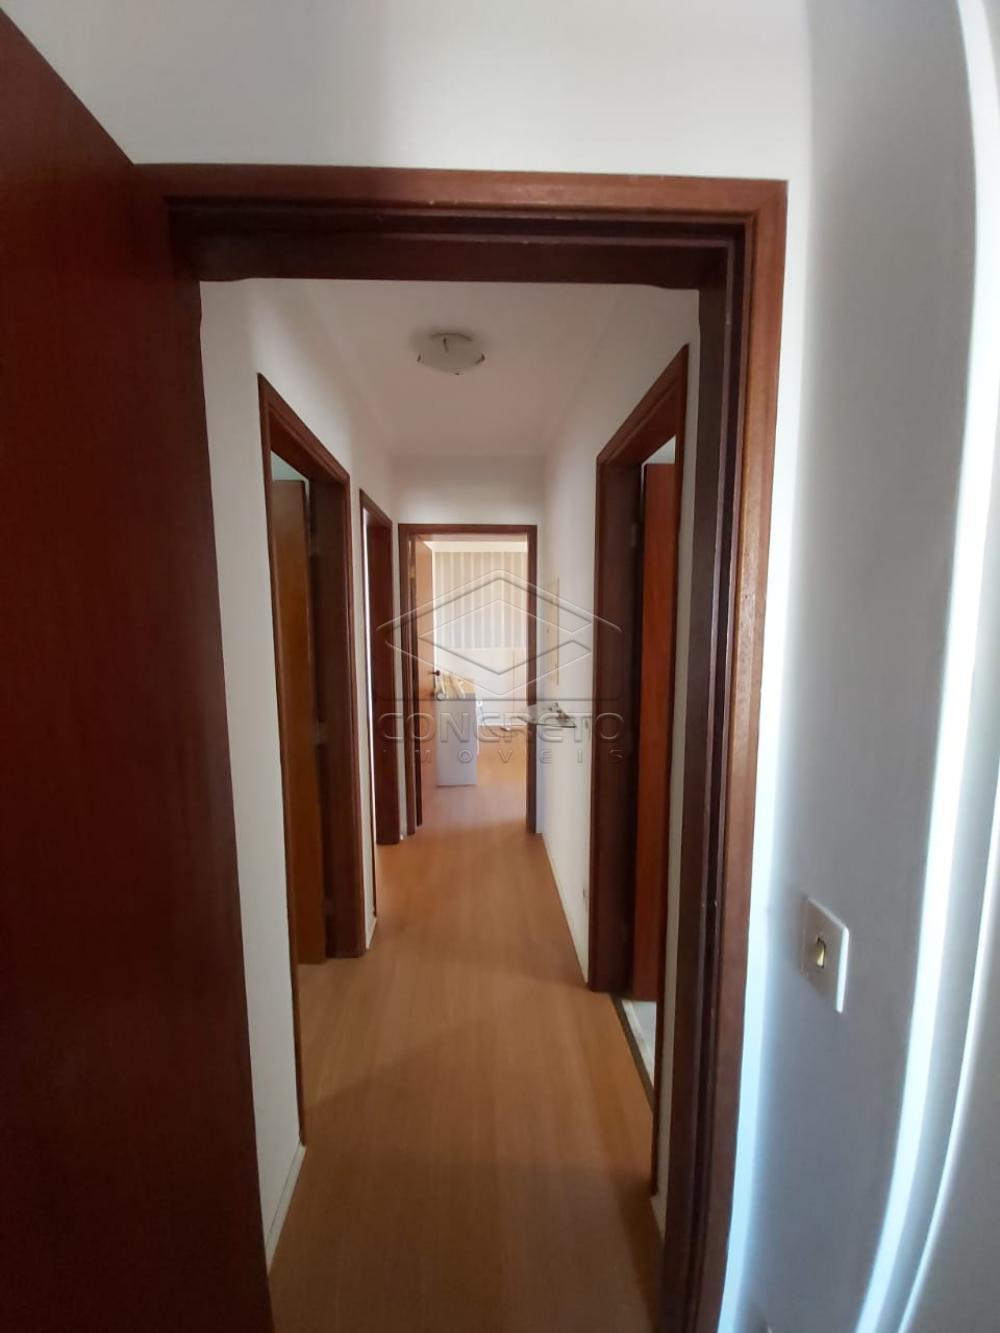 Comprar Apartamento / Padrão em Bauru R$ 510.000,00 - Foto 11